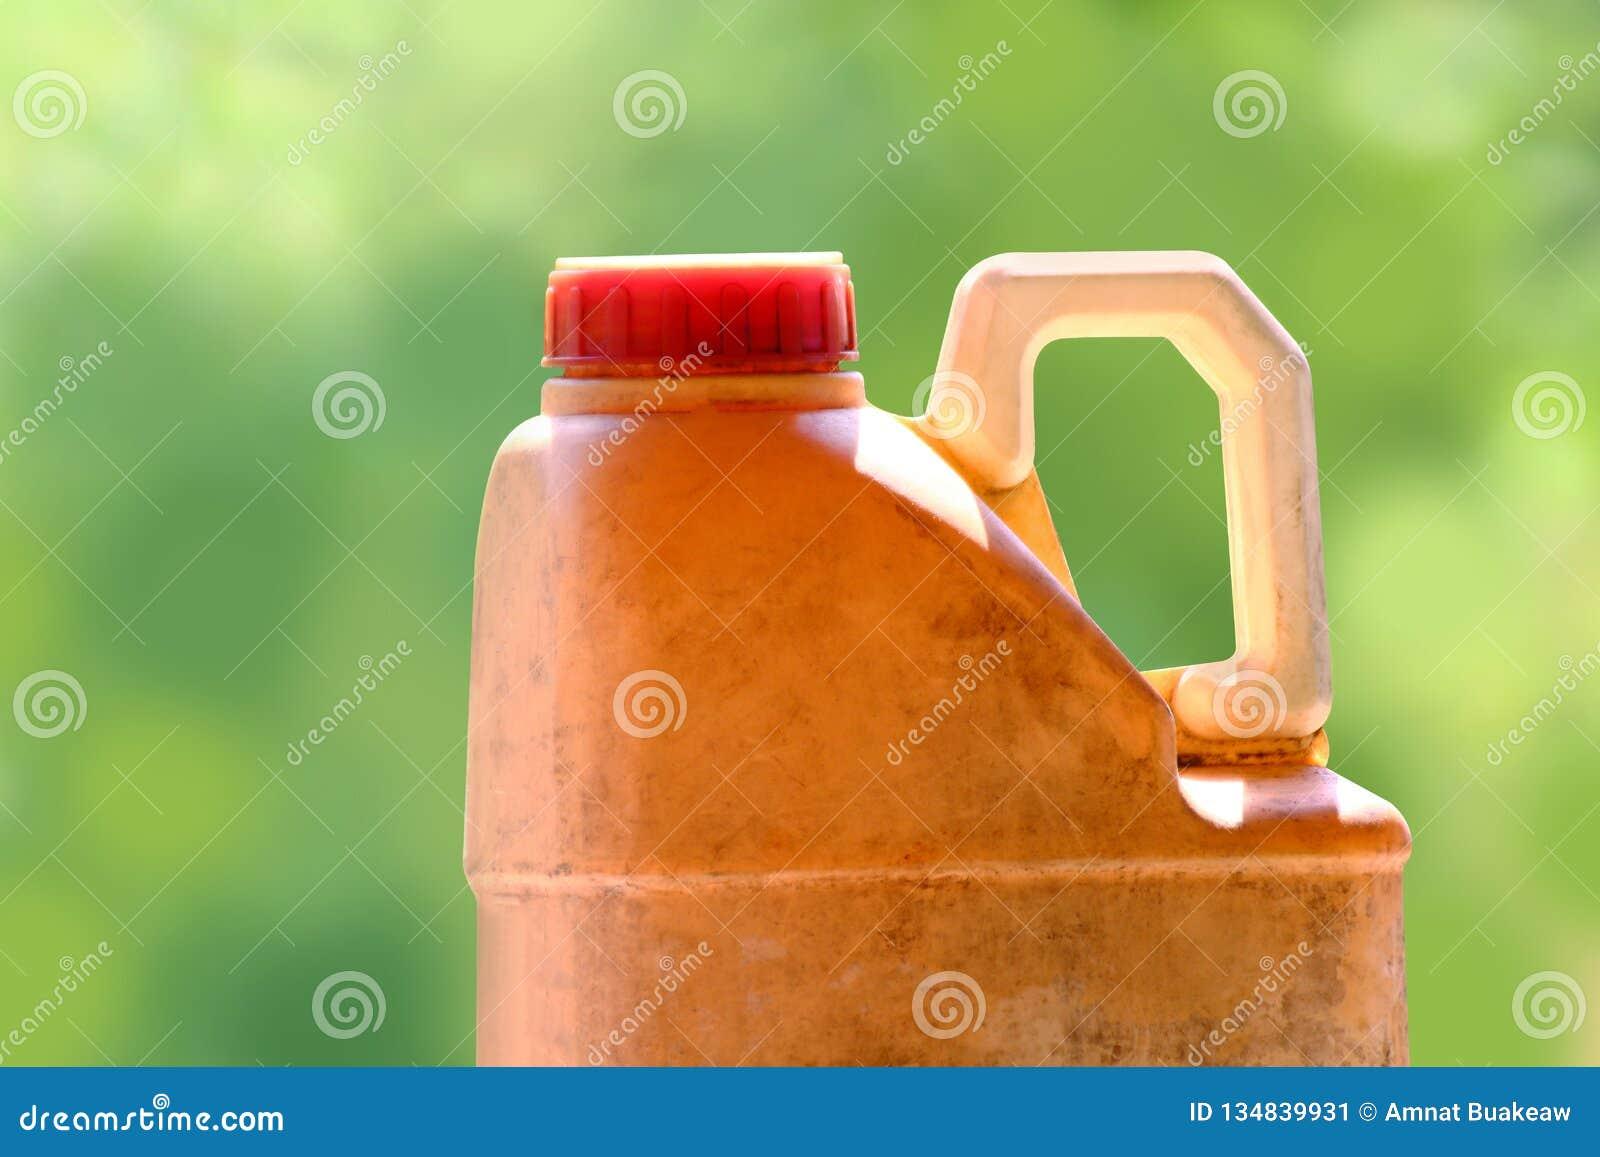 Plastic gallon gele oud van oliesmeermiddel op vage groene achtergrond, sluit omhoog de oude en vuile gallon van de motor van een